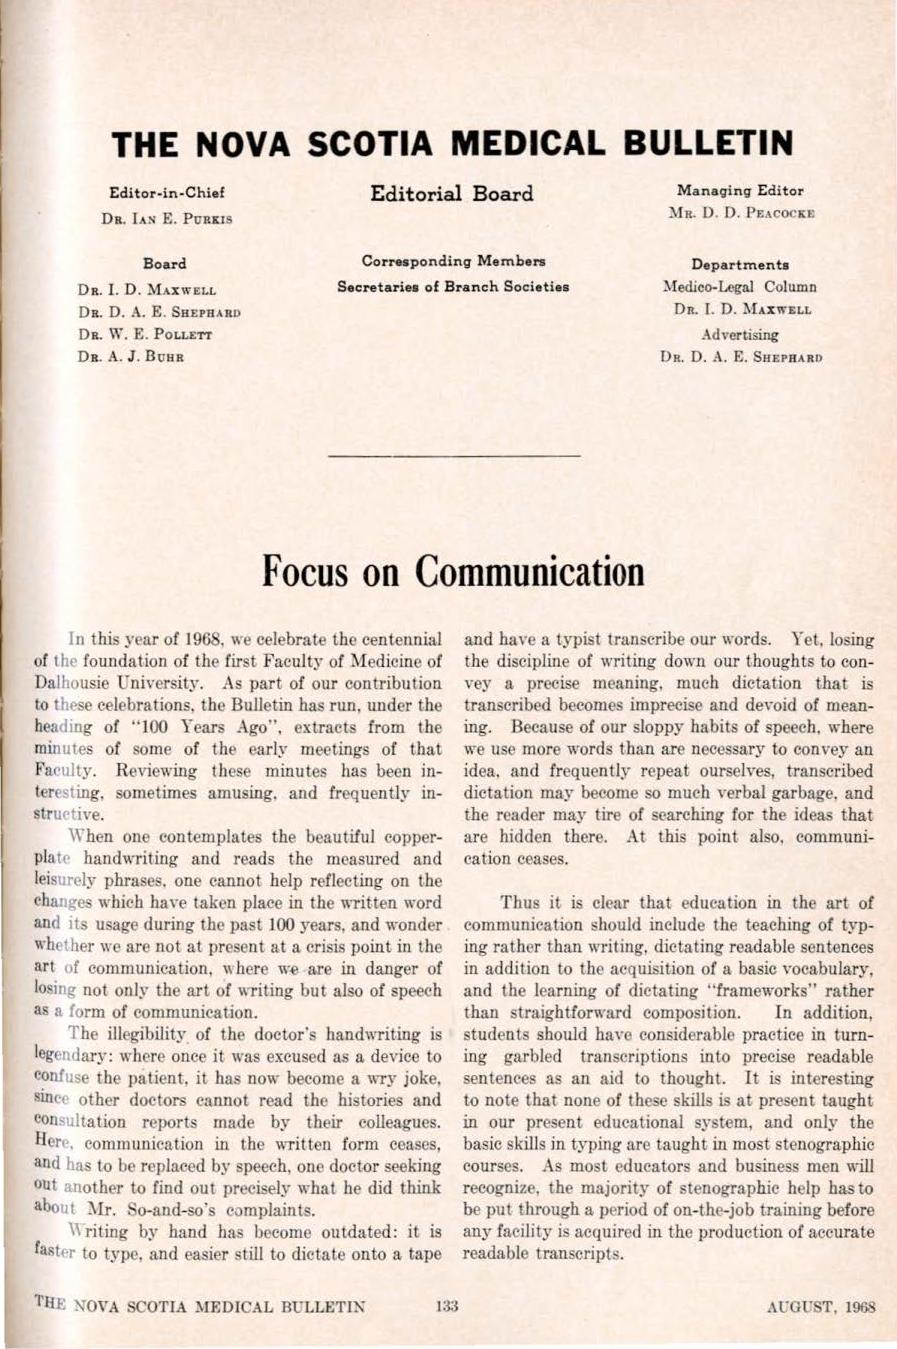 NSMB 1968 Vol.47(5)